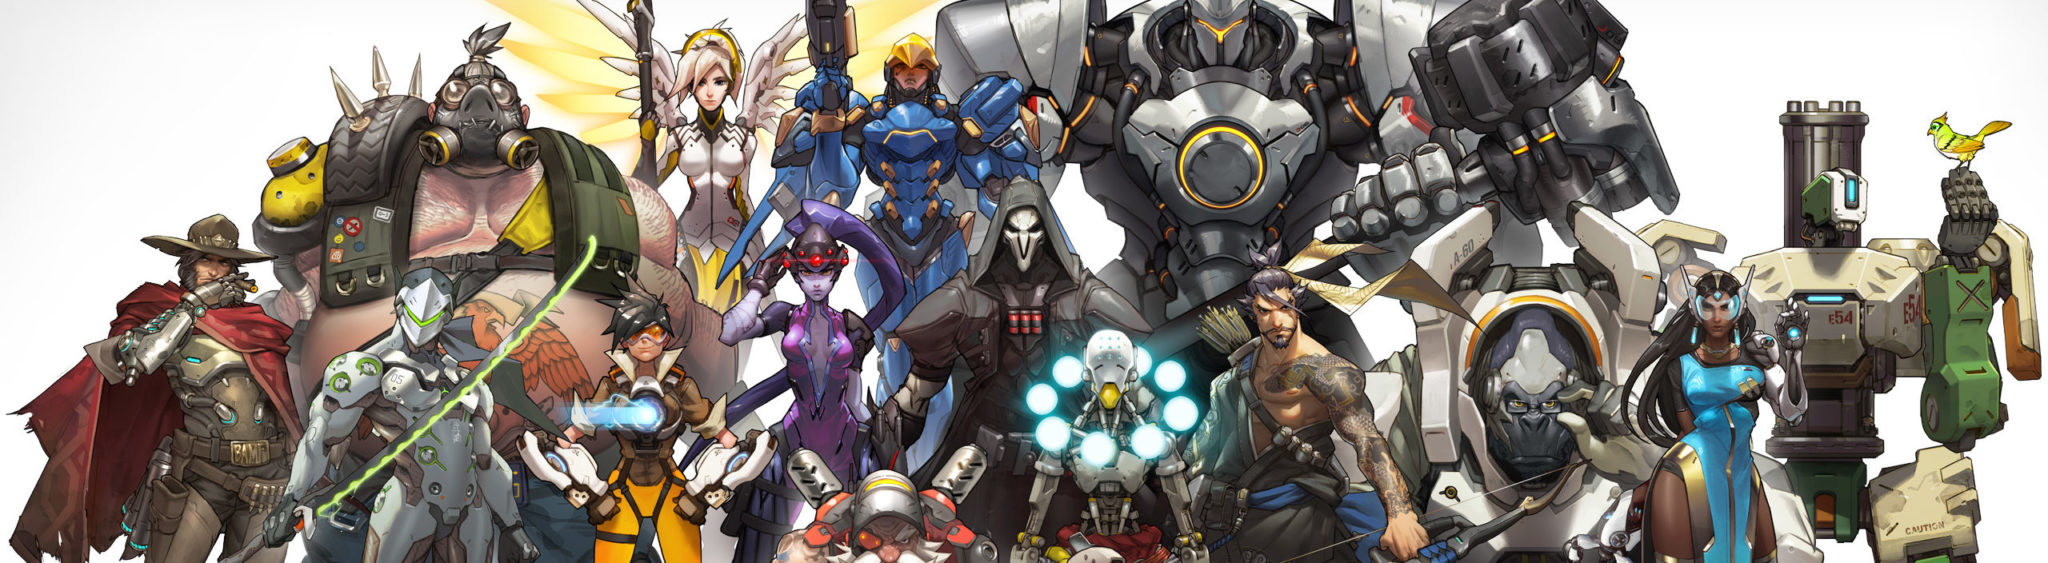 Overwatch список героев сезон 16 (май 2019) - Лучшие персонажи